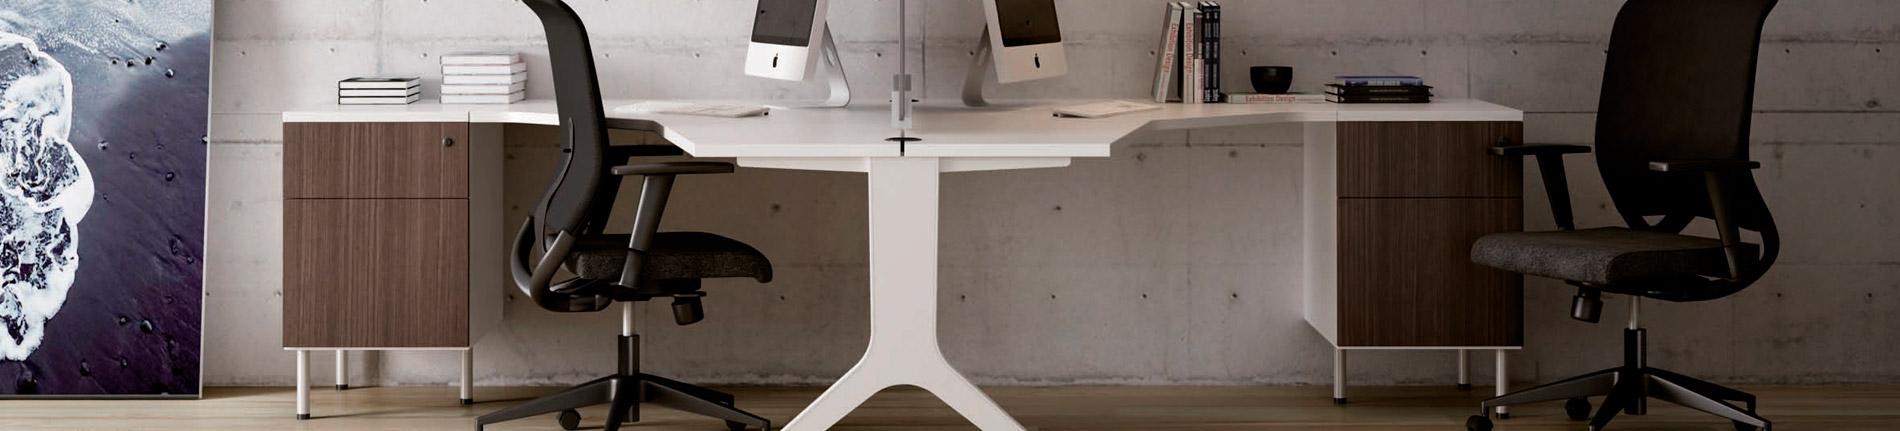 Muebles de oficina en malaga cool zoom with muebles de for Mobiliario de oficina definicion